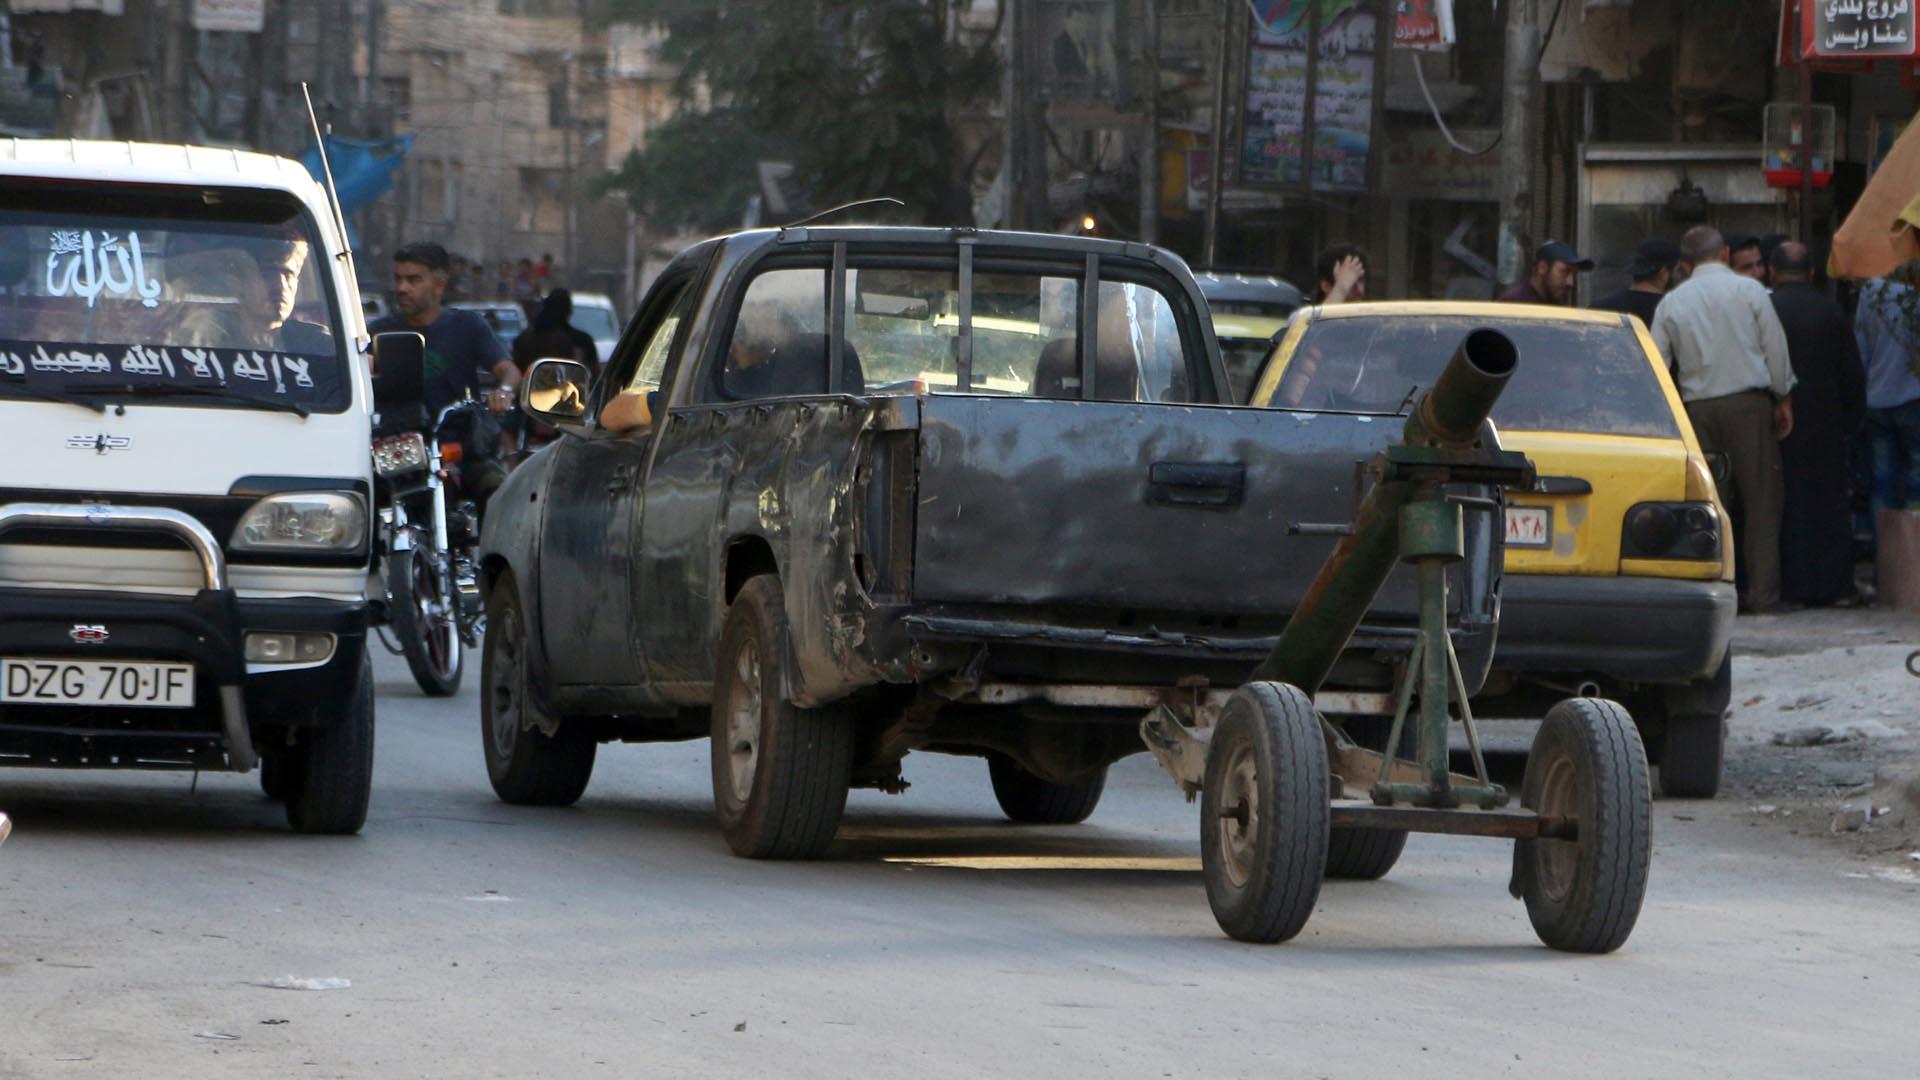 Los rebeldes sirios lograron adueñarse de una de las sedes del Estado Islamico, pero los yihadista pudieron recuperar el lugar